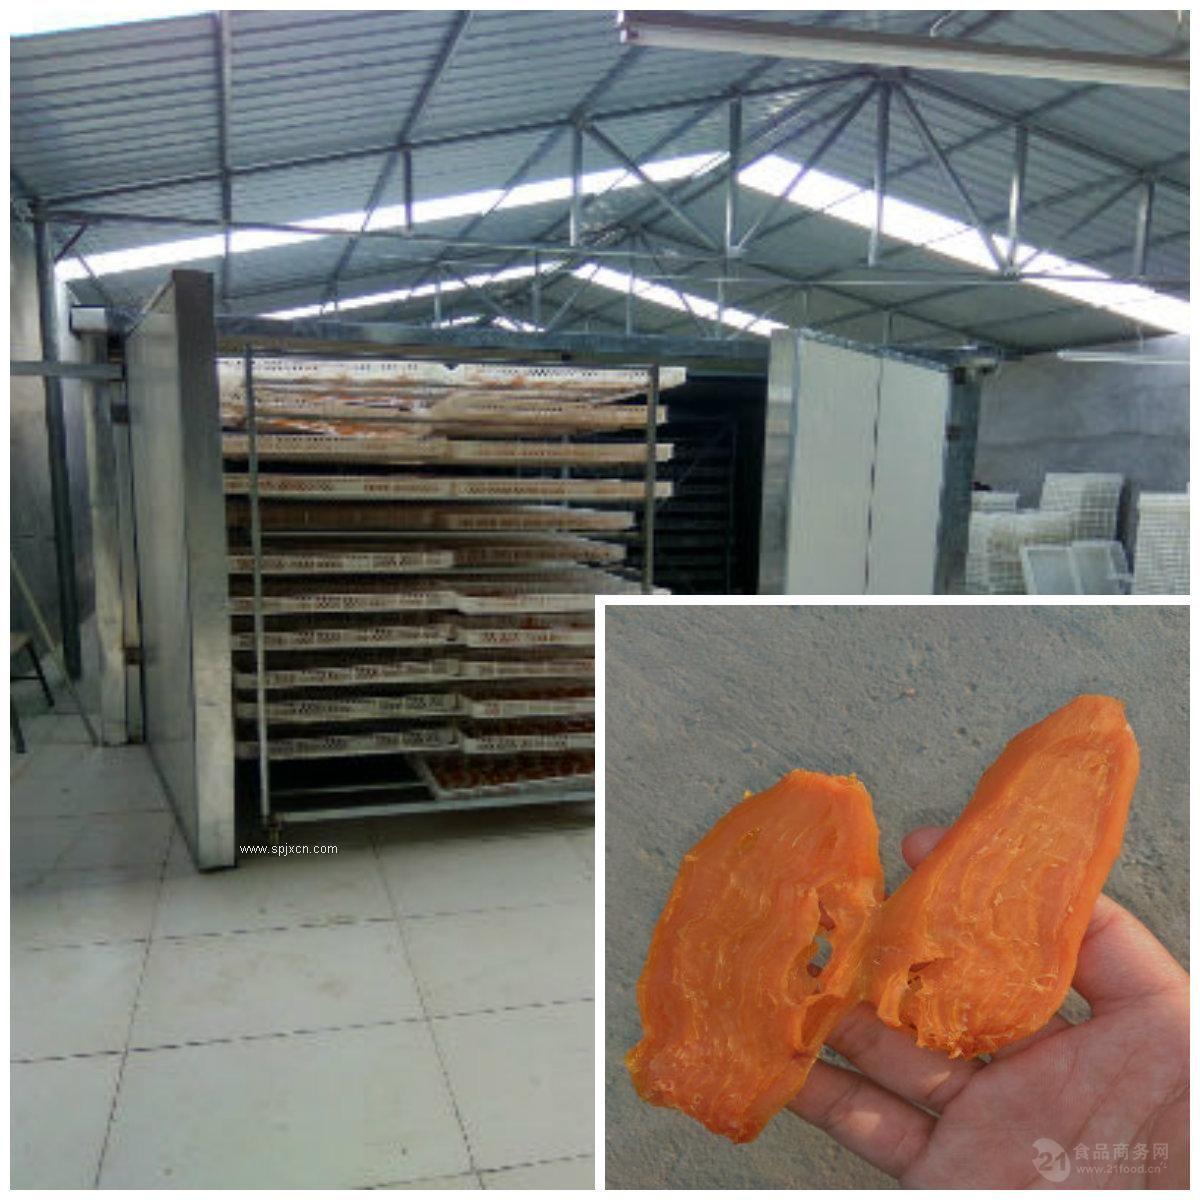 绿色环保空气能食品烘干机 密闭闭环热泵除湿机 无污染食物烘干房